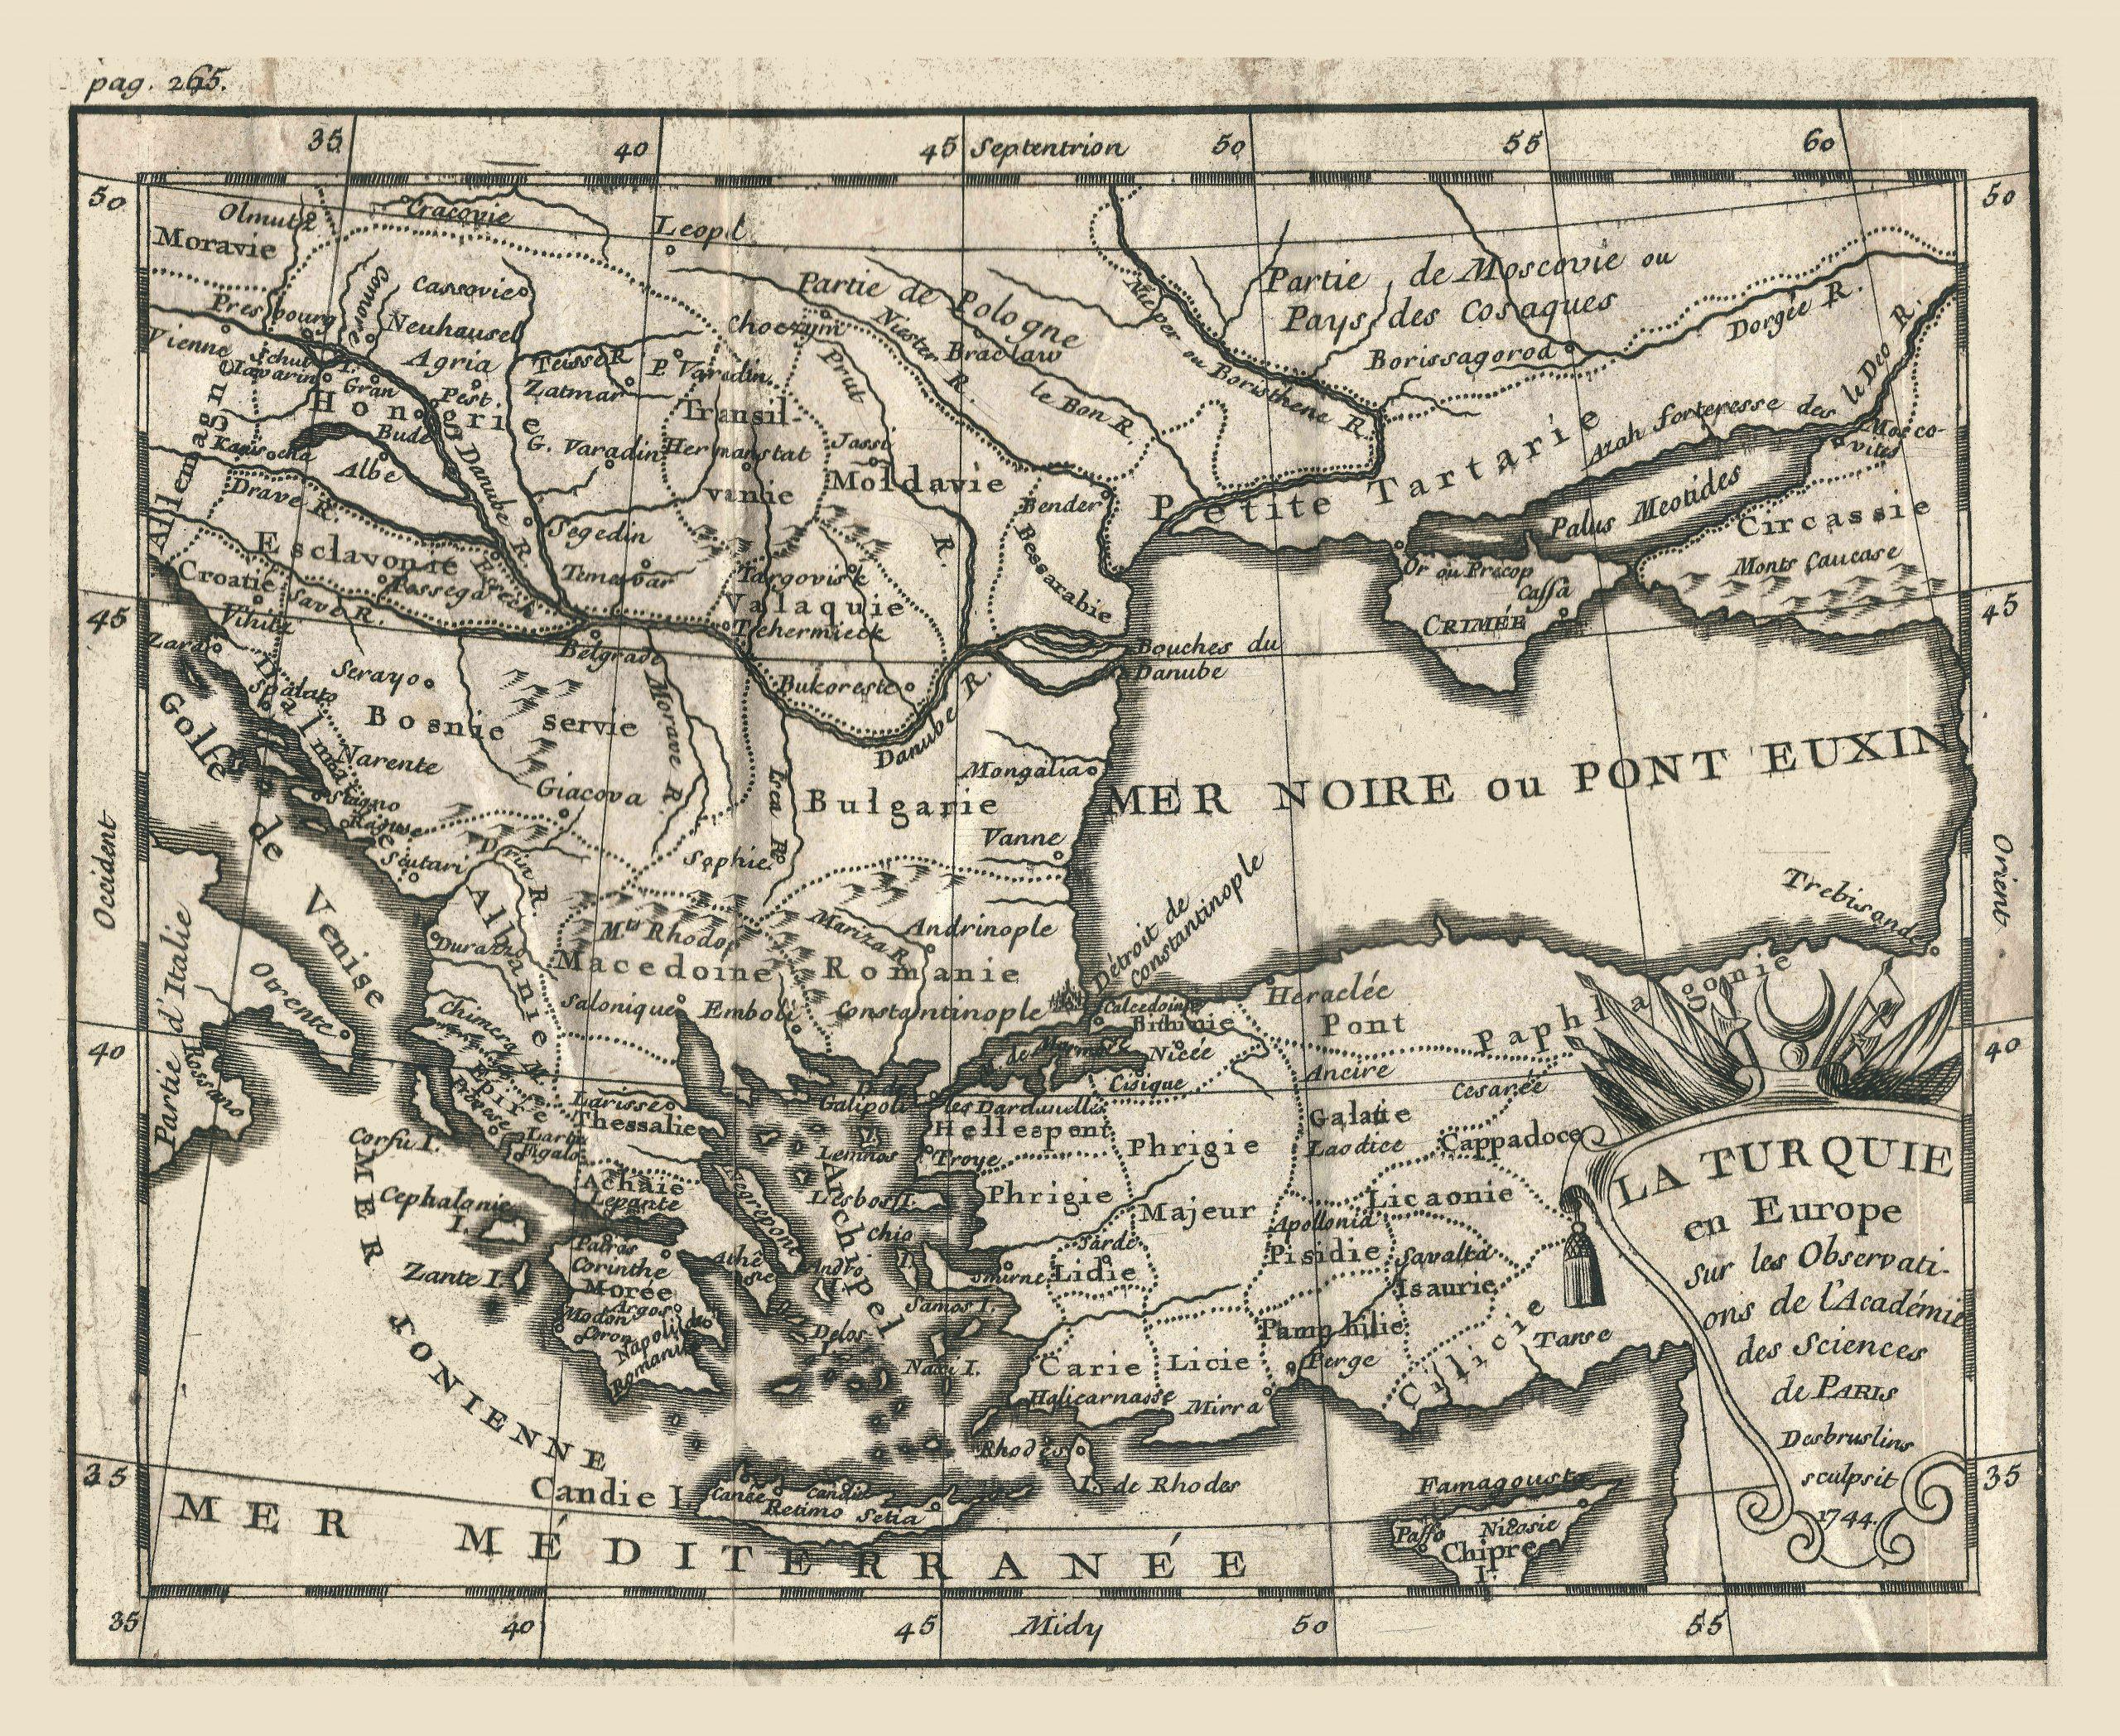 File:géographie Buffier-Carte De La Turquie D'europe encequiconcerne Carte Géographique Europe